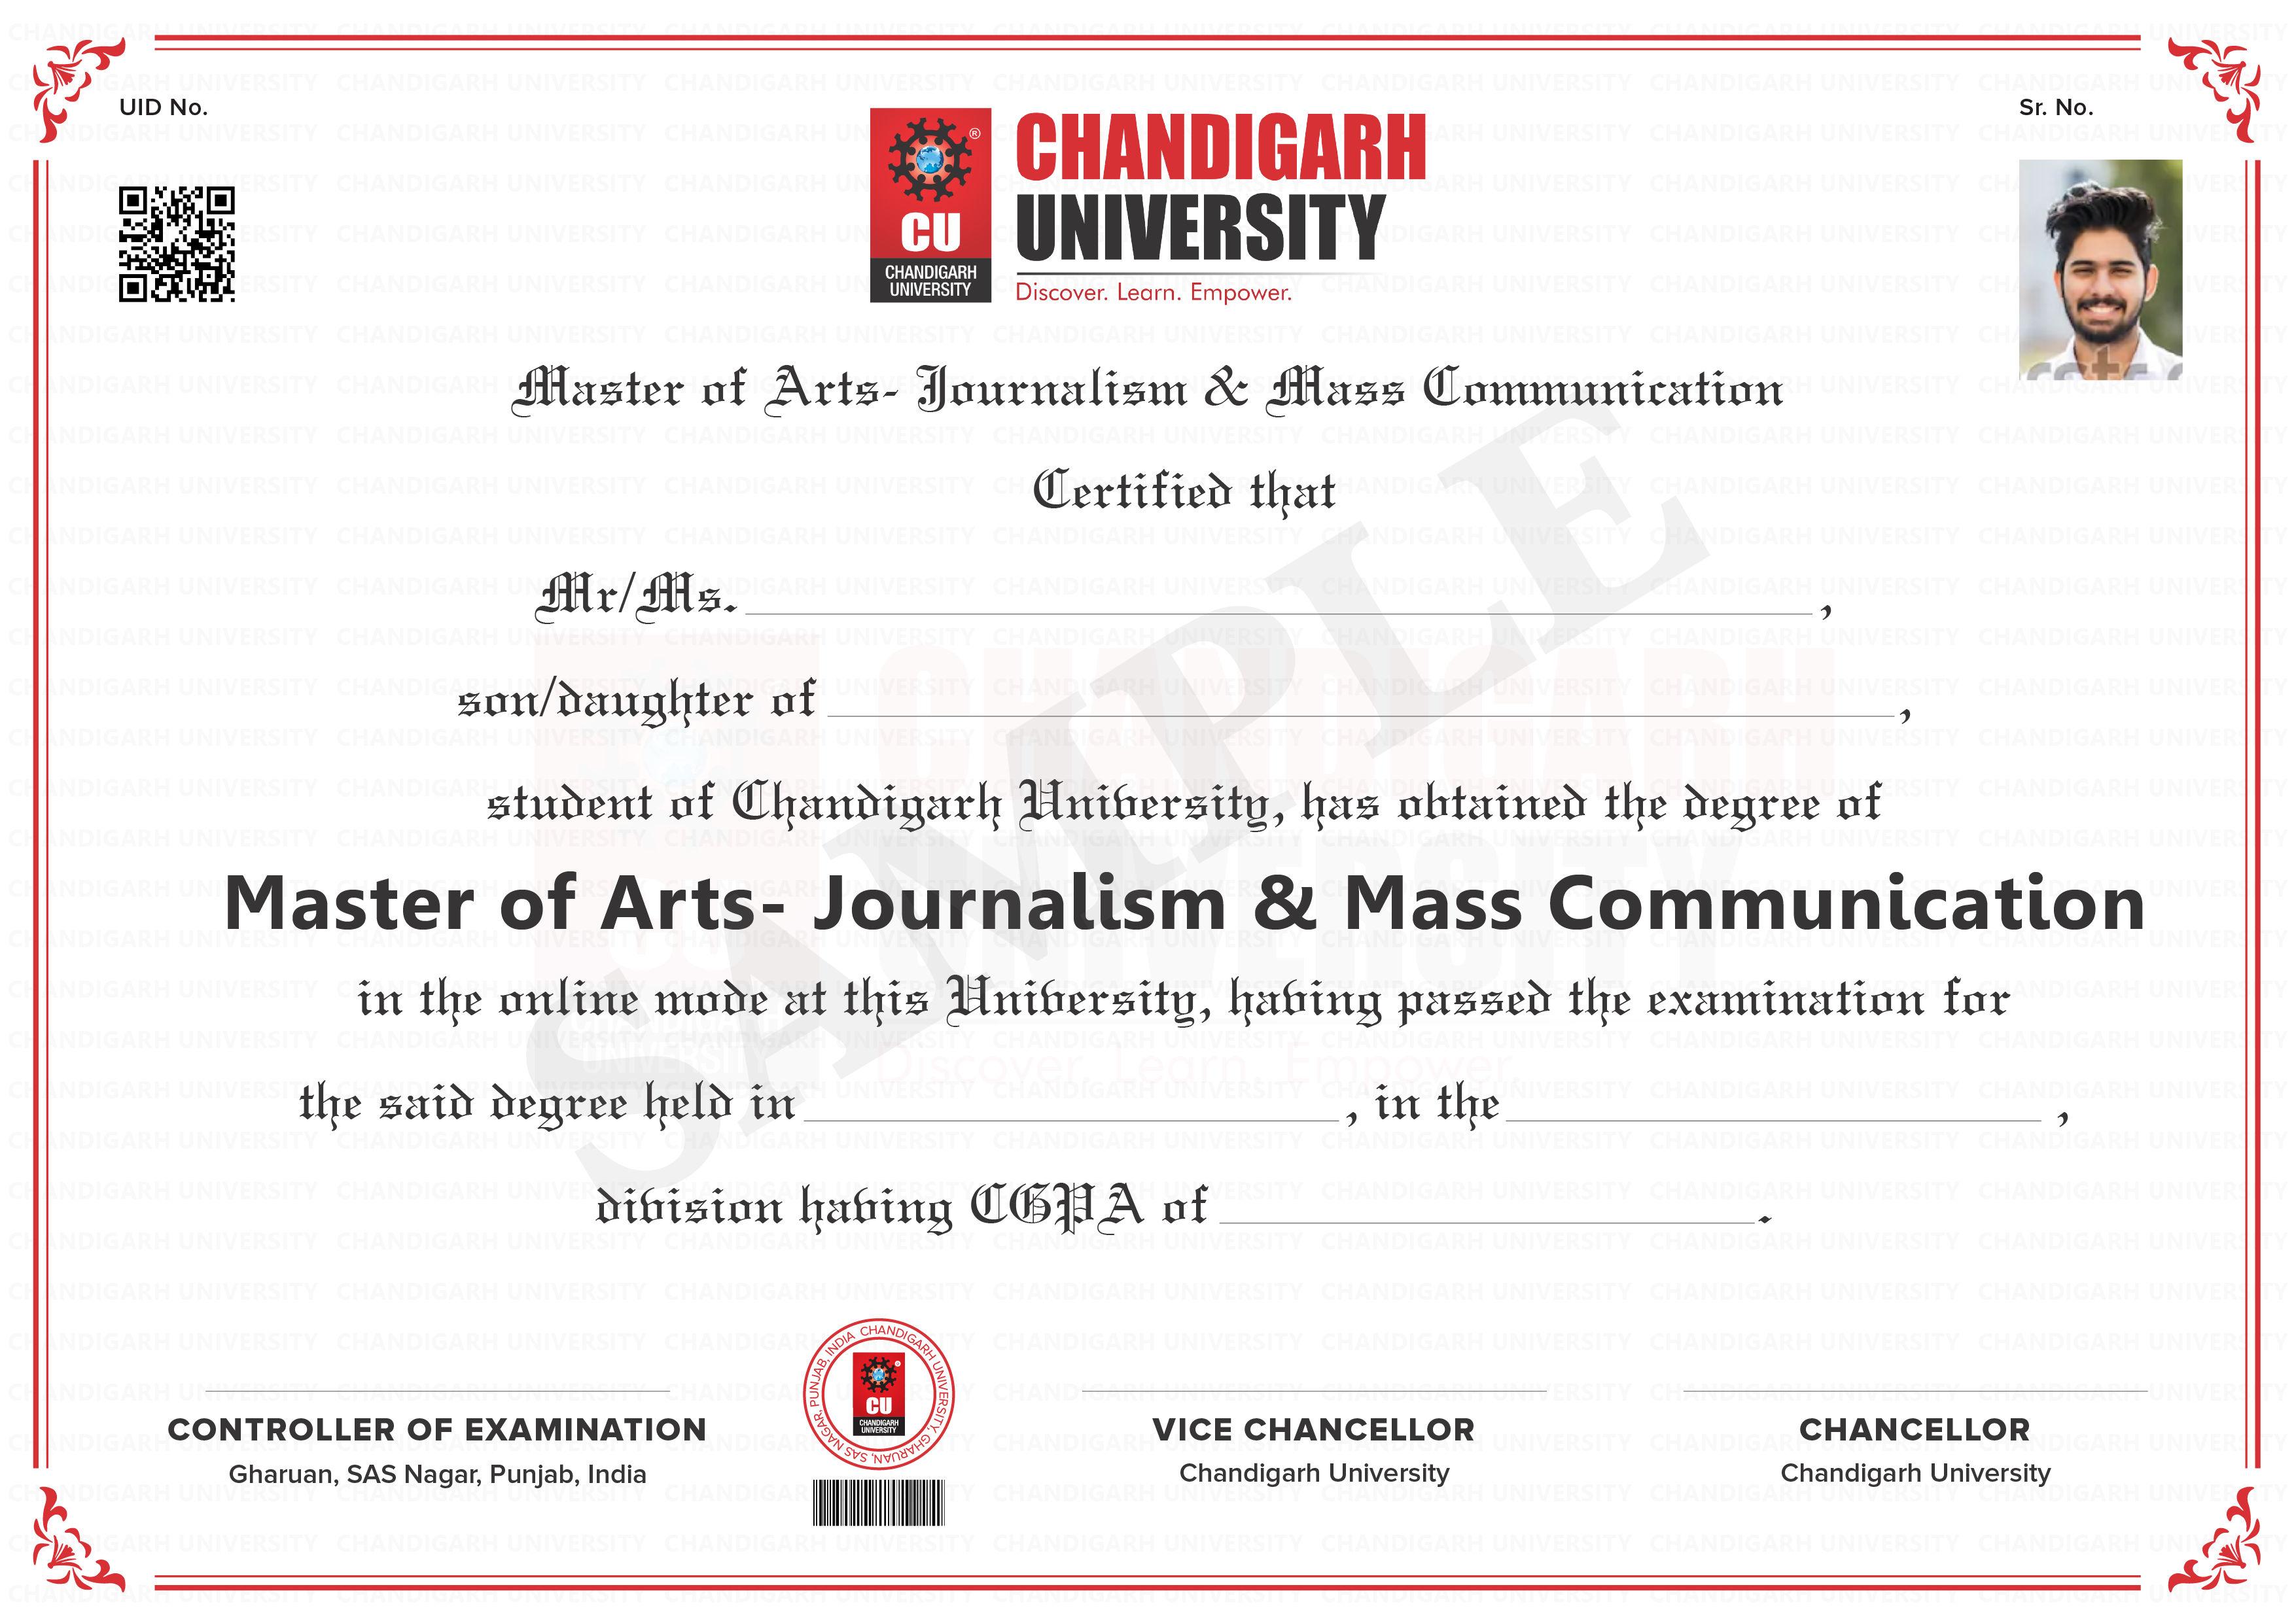 Master of Arts - Journalism & Mass Communication